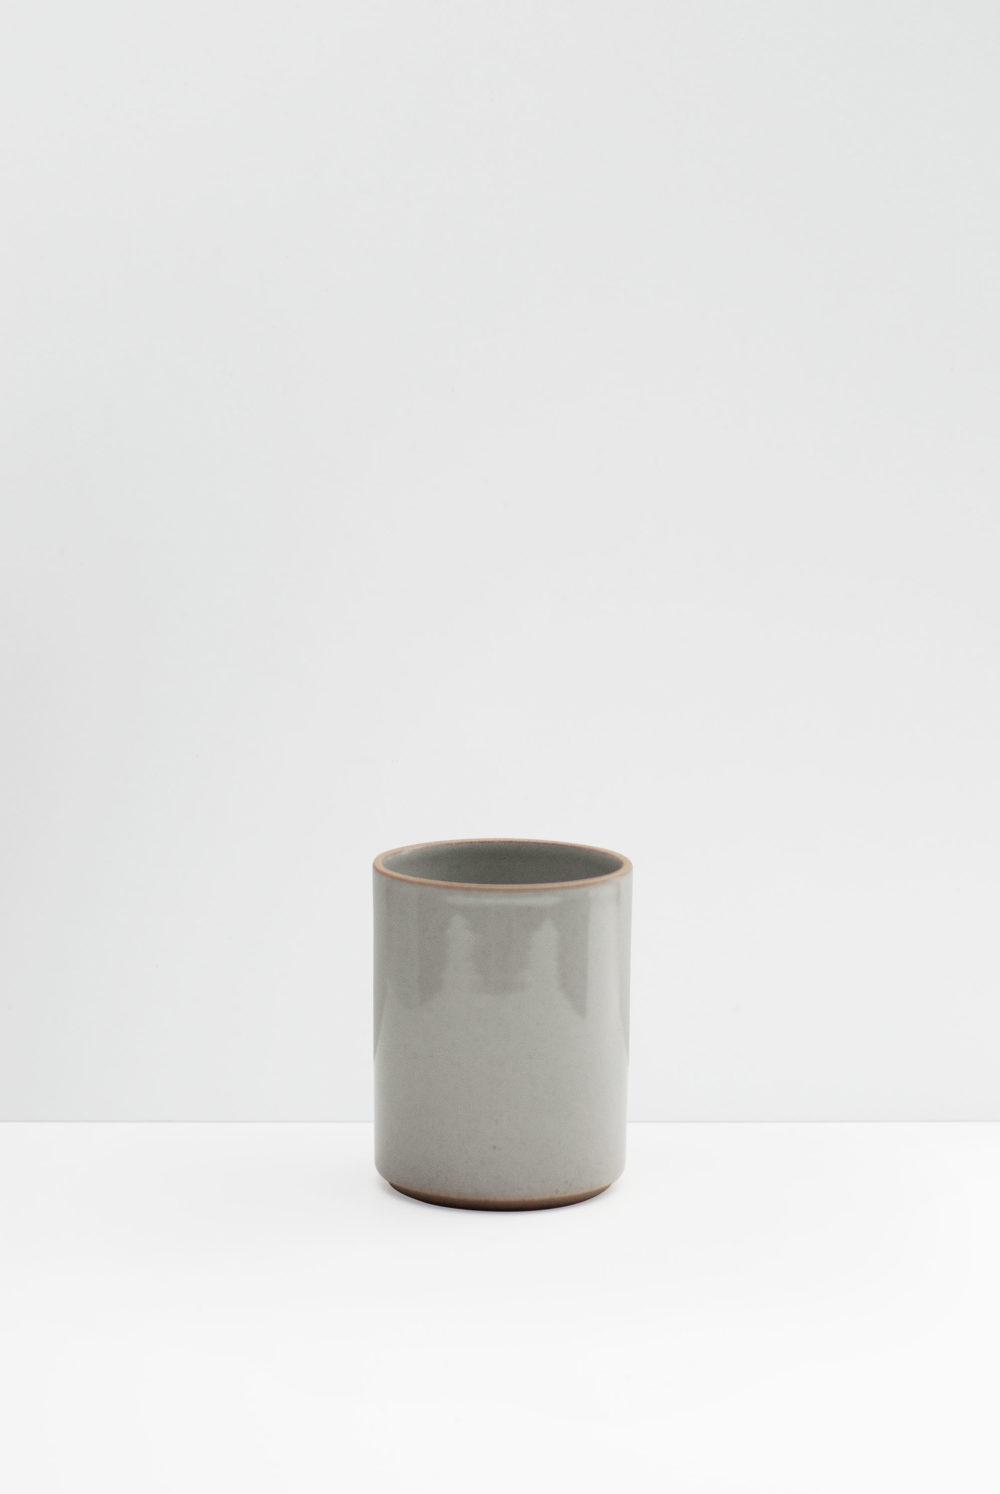 Hasami Porcelain small flower pot gray glazed